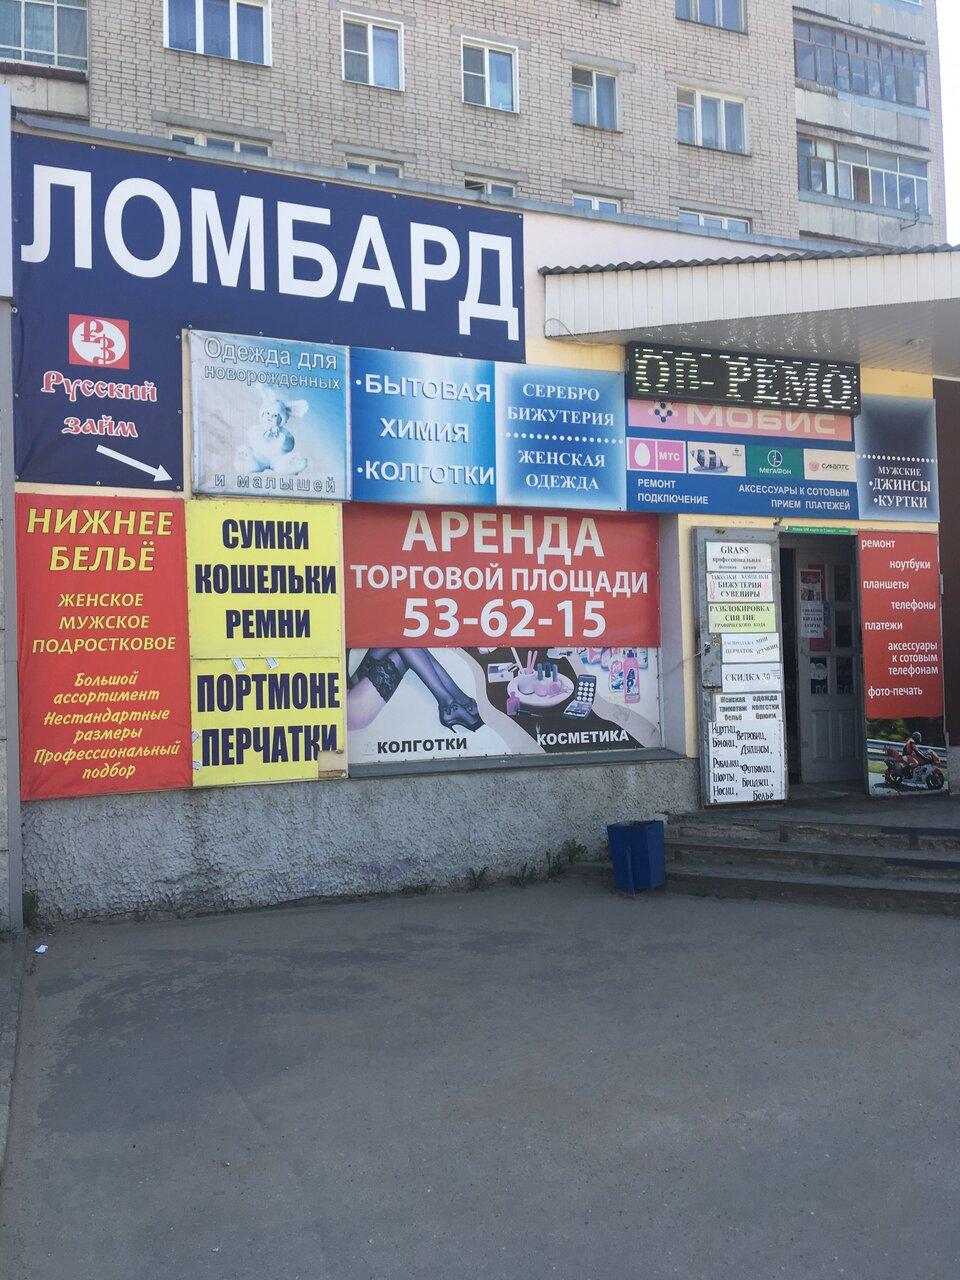 Иваново ломбарды в стоимость дубаи часов